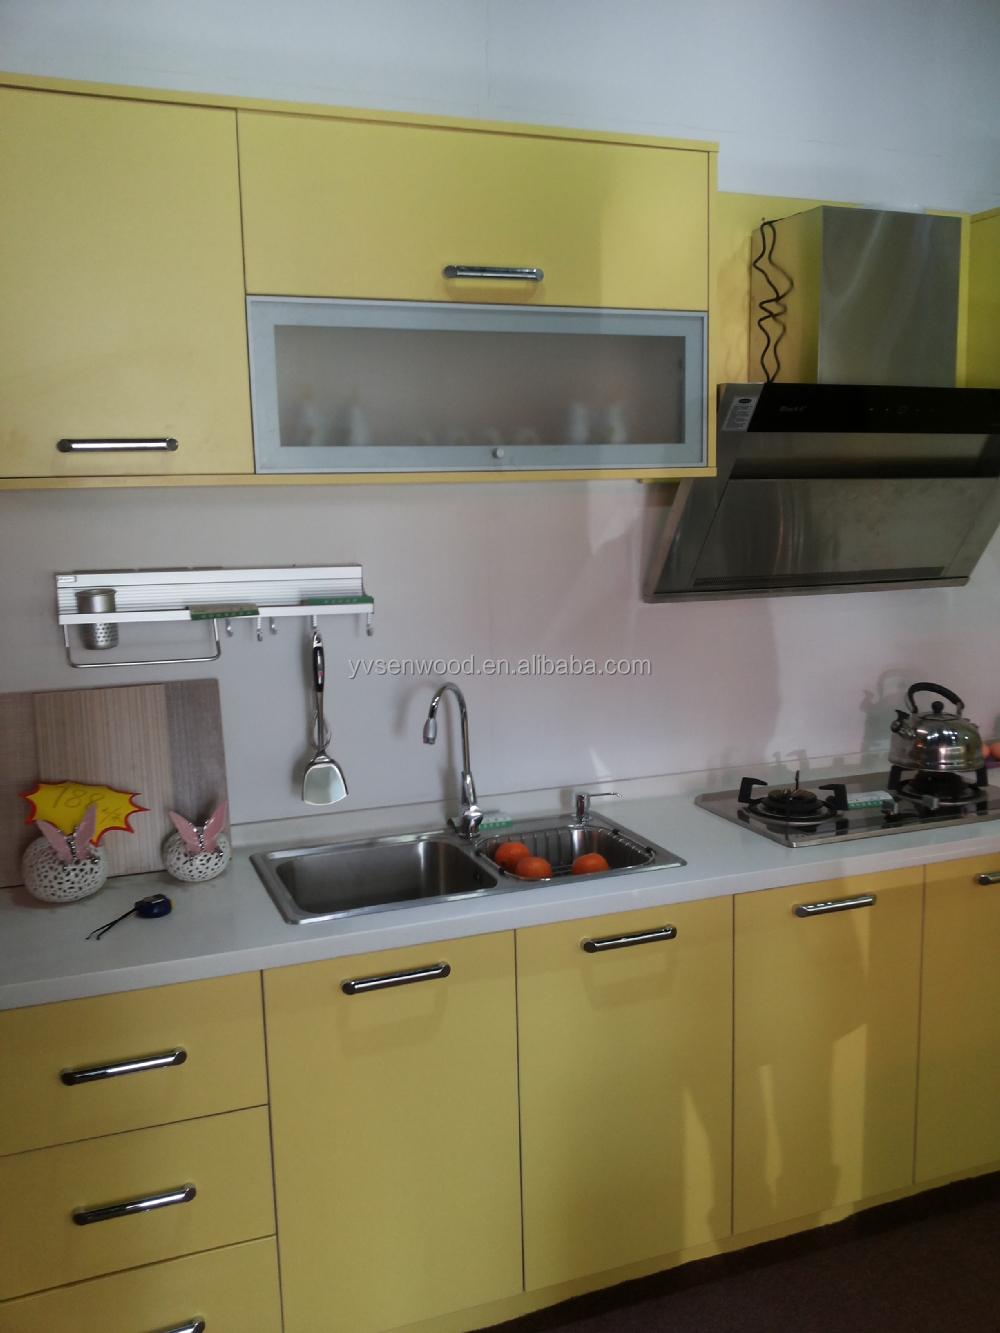 Kitchen cabinet vinyl wrap buy kitchen cabinet vinyl for Where to buy cabinets for kitchen